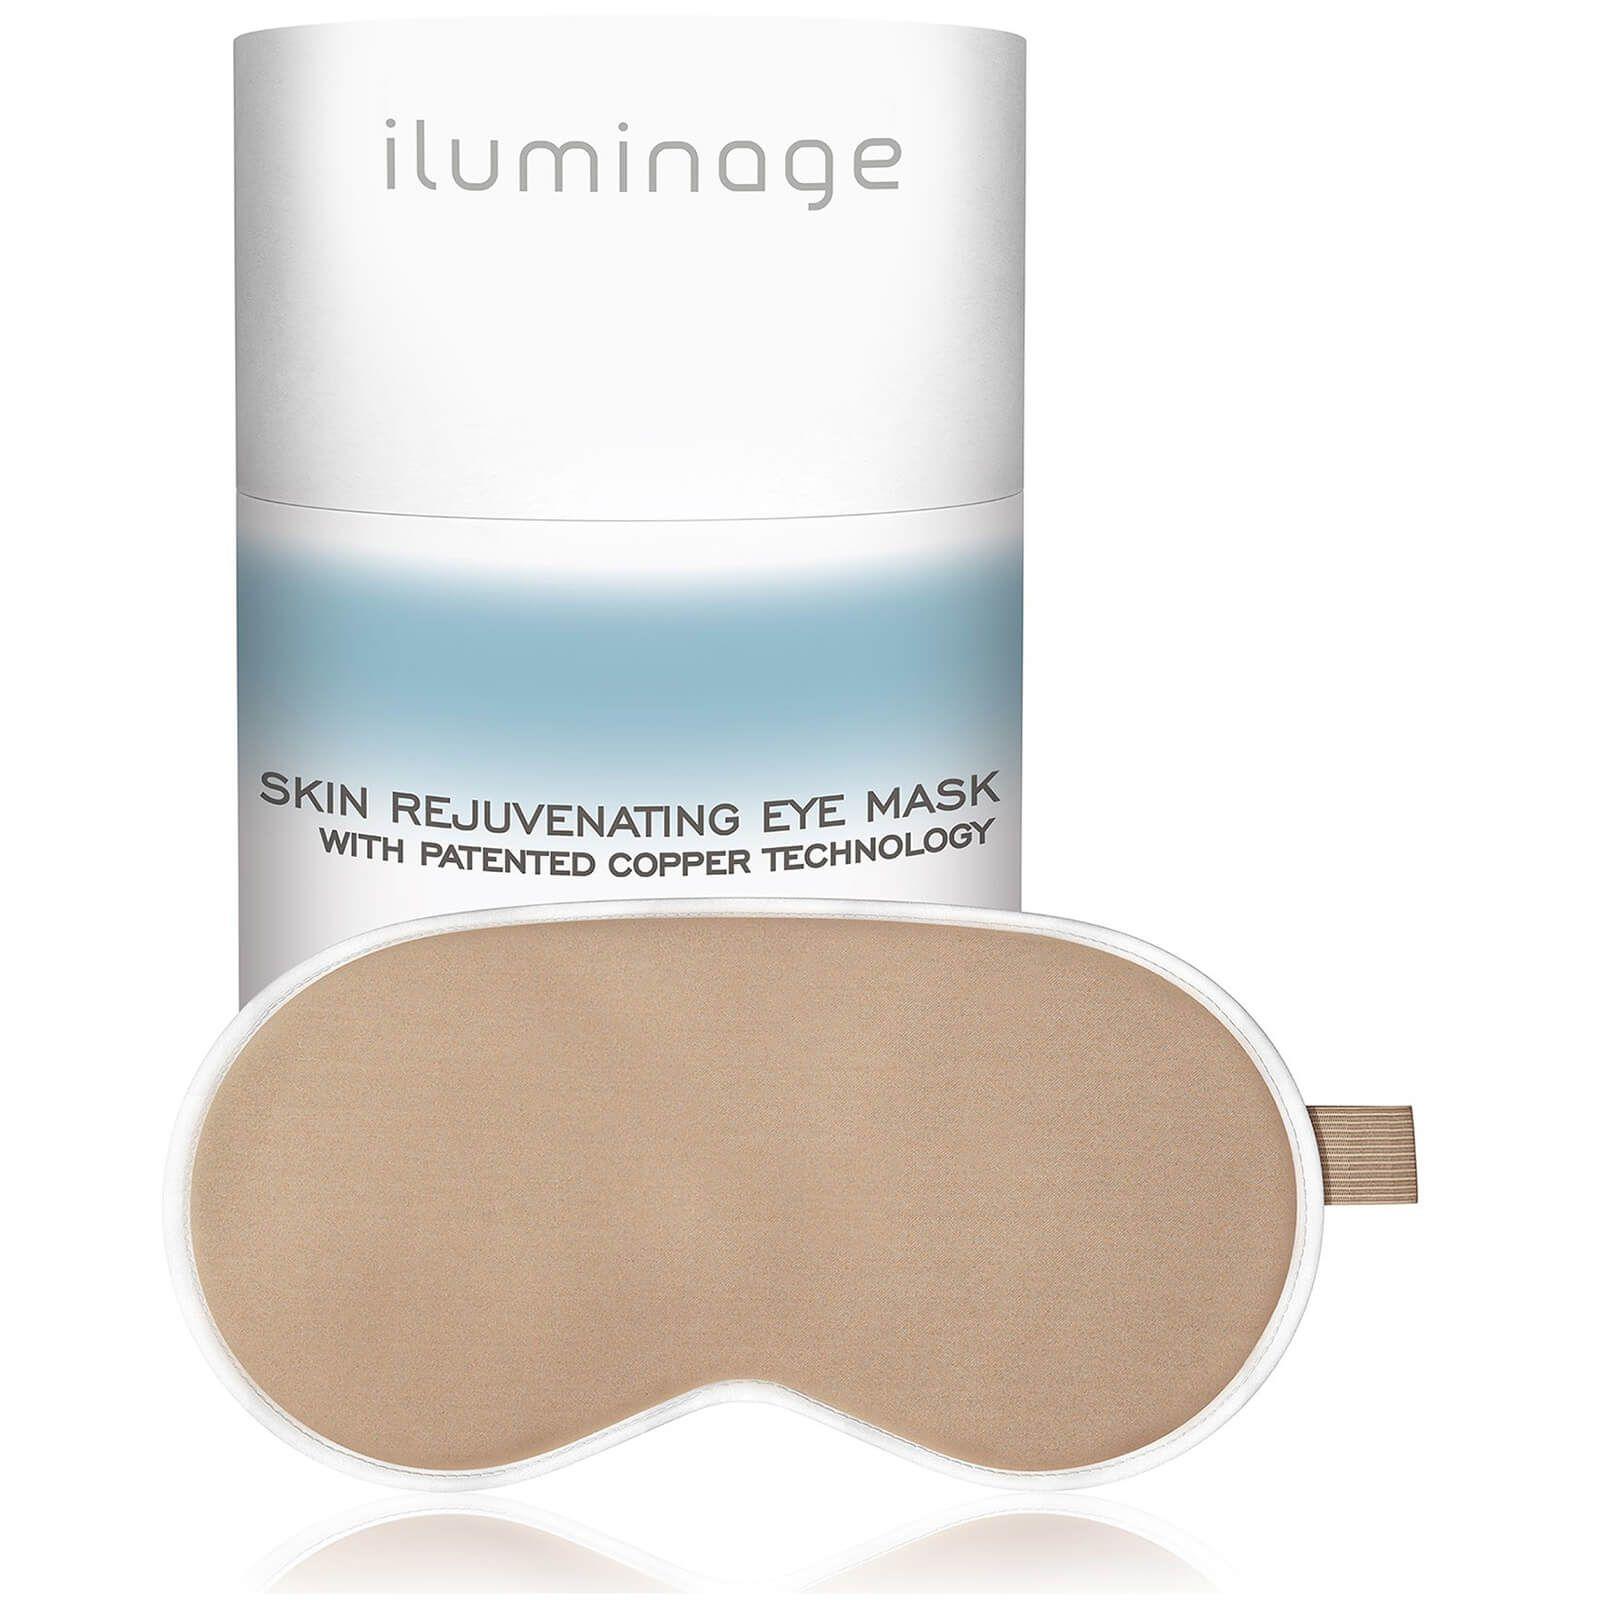 Best with Skincare Benefits: Illuminage Skin Rejuvenating Eye Mask